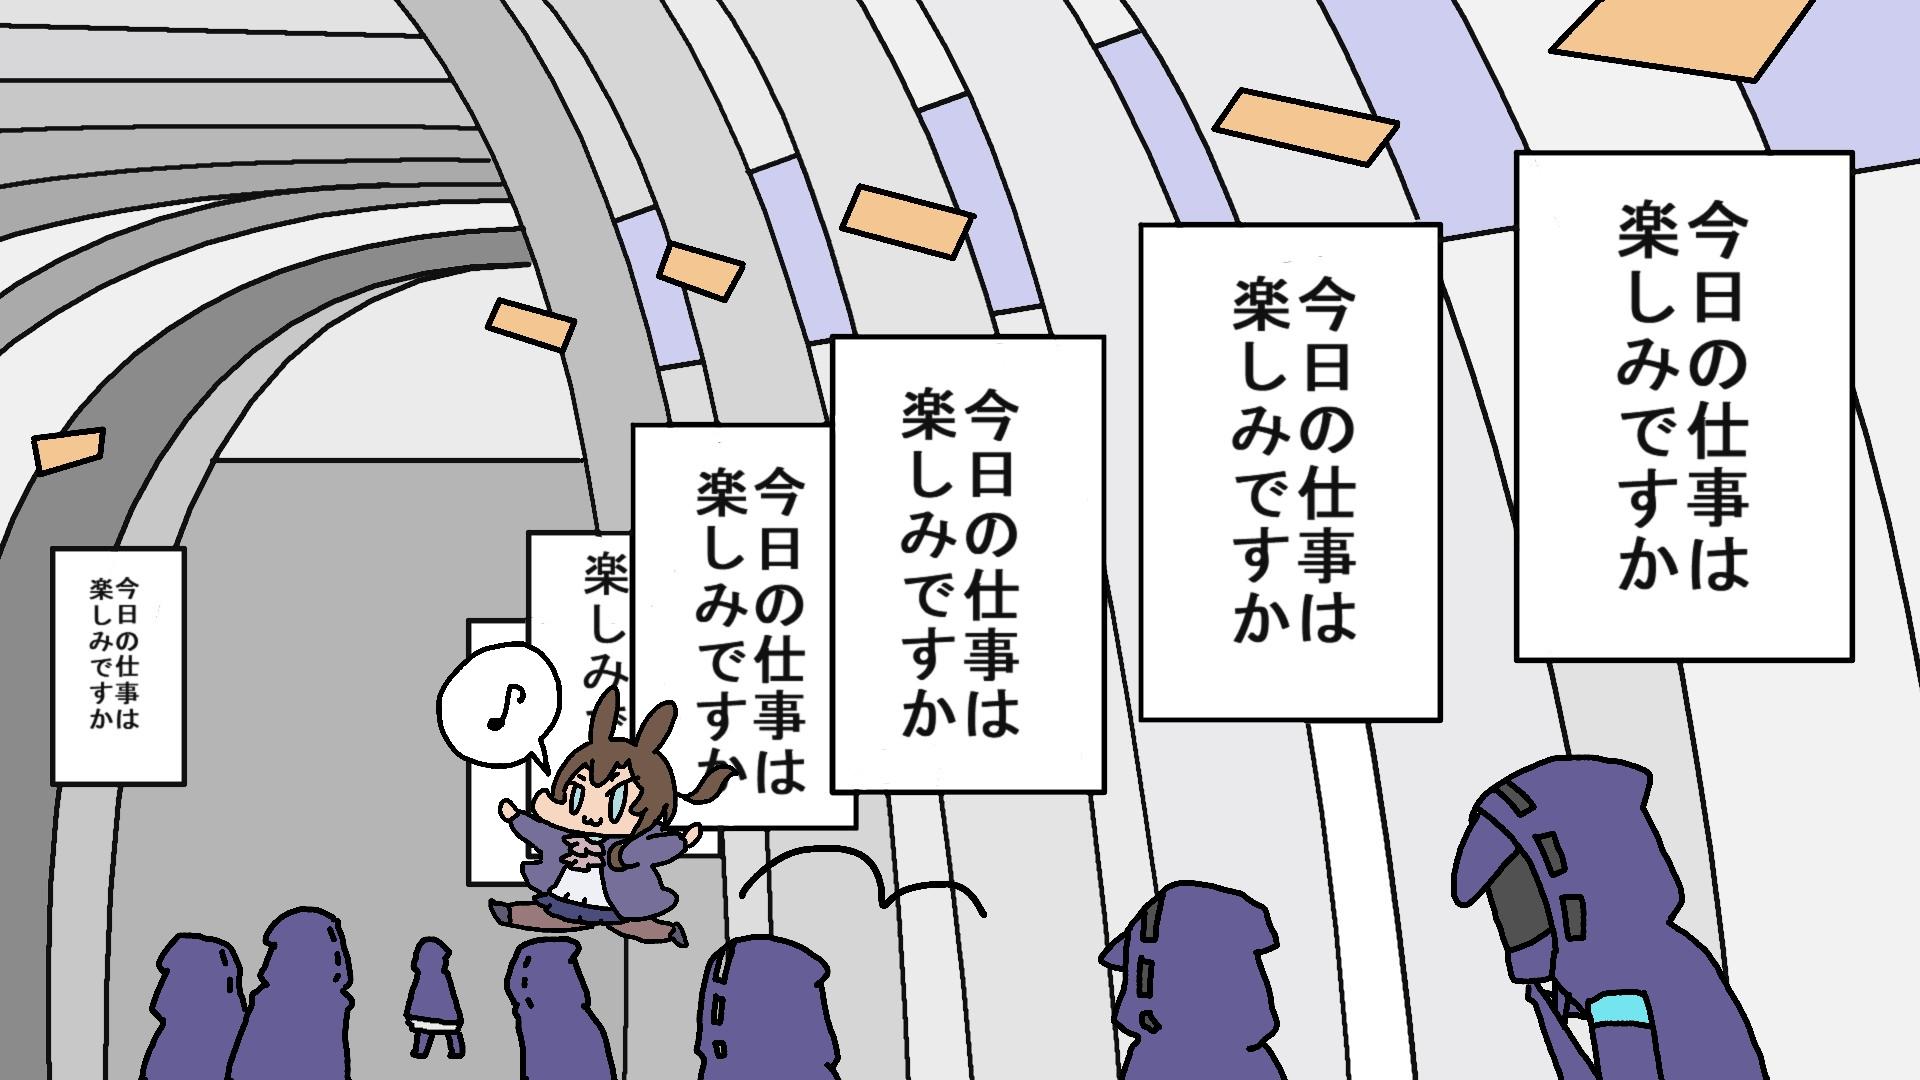 【品川駅】「今日の仕事は楽しみですか。」の広告に『心を折りにくる』と批判殺到→1日で掲載終了、広告主謝罪【画像】